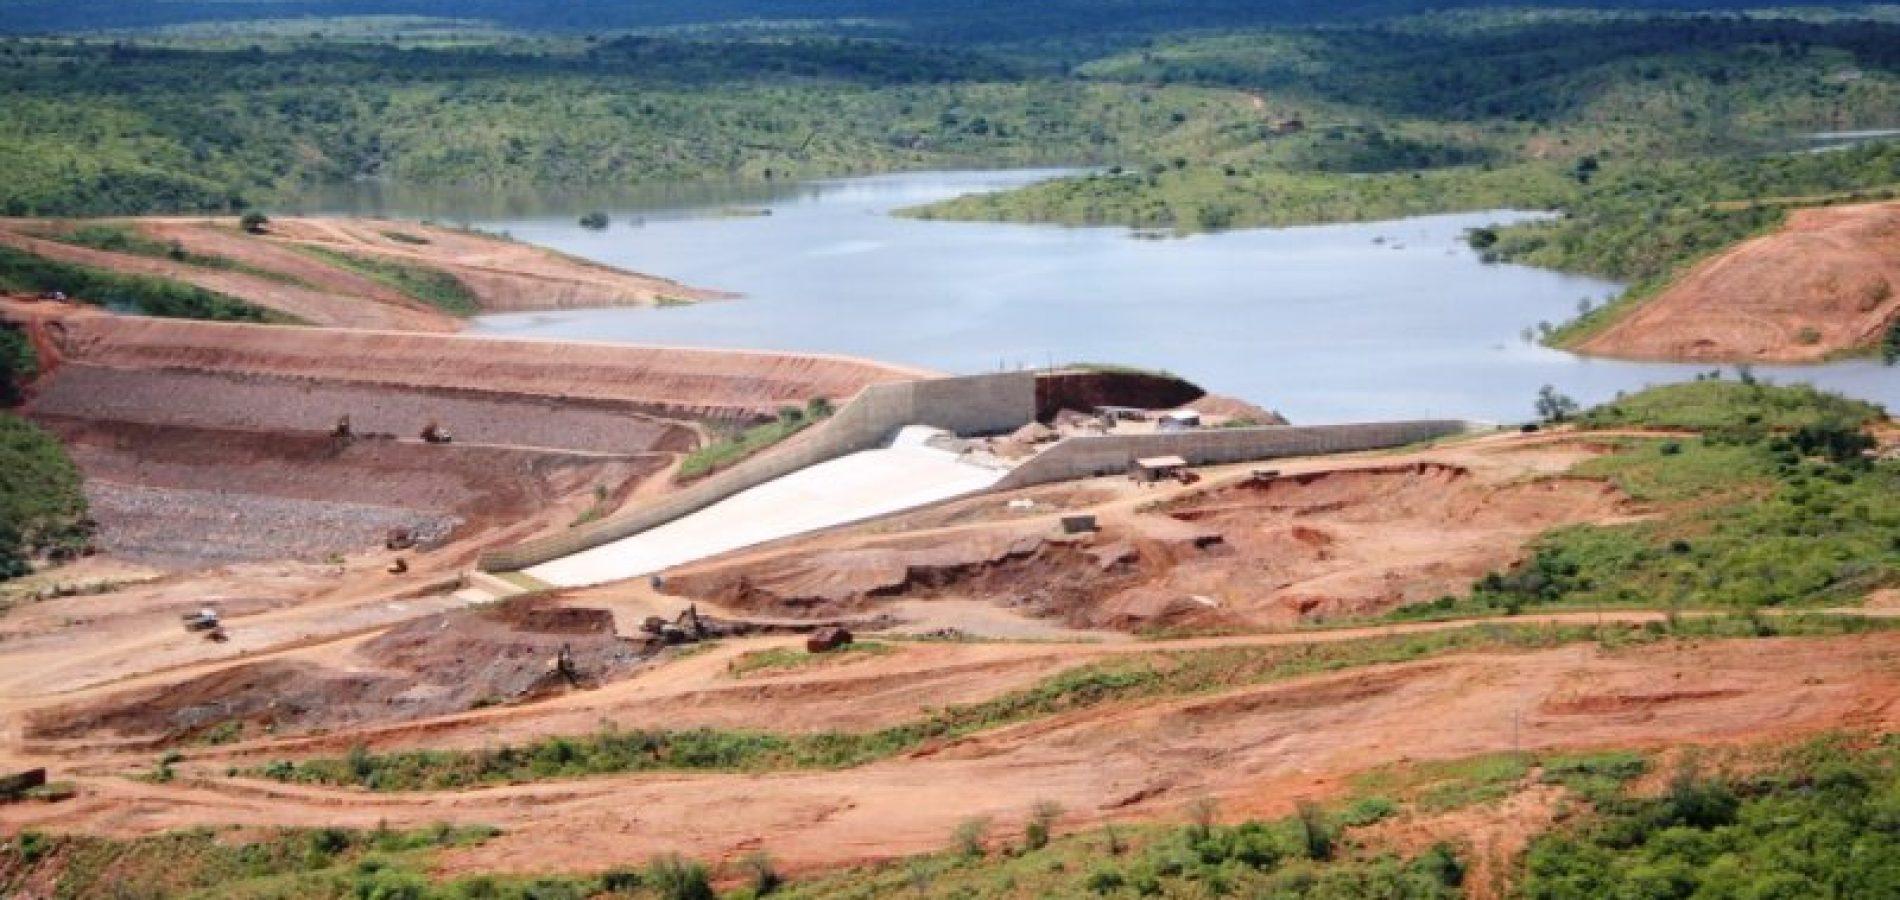 Baixo volume de água na Barragem Piaus causa preocupação